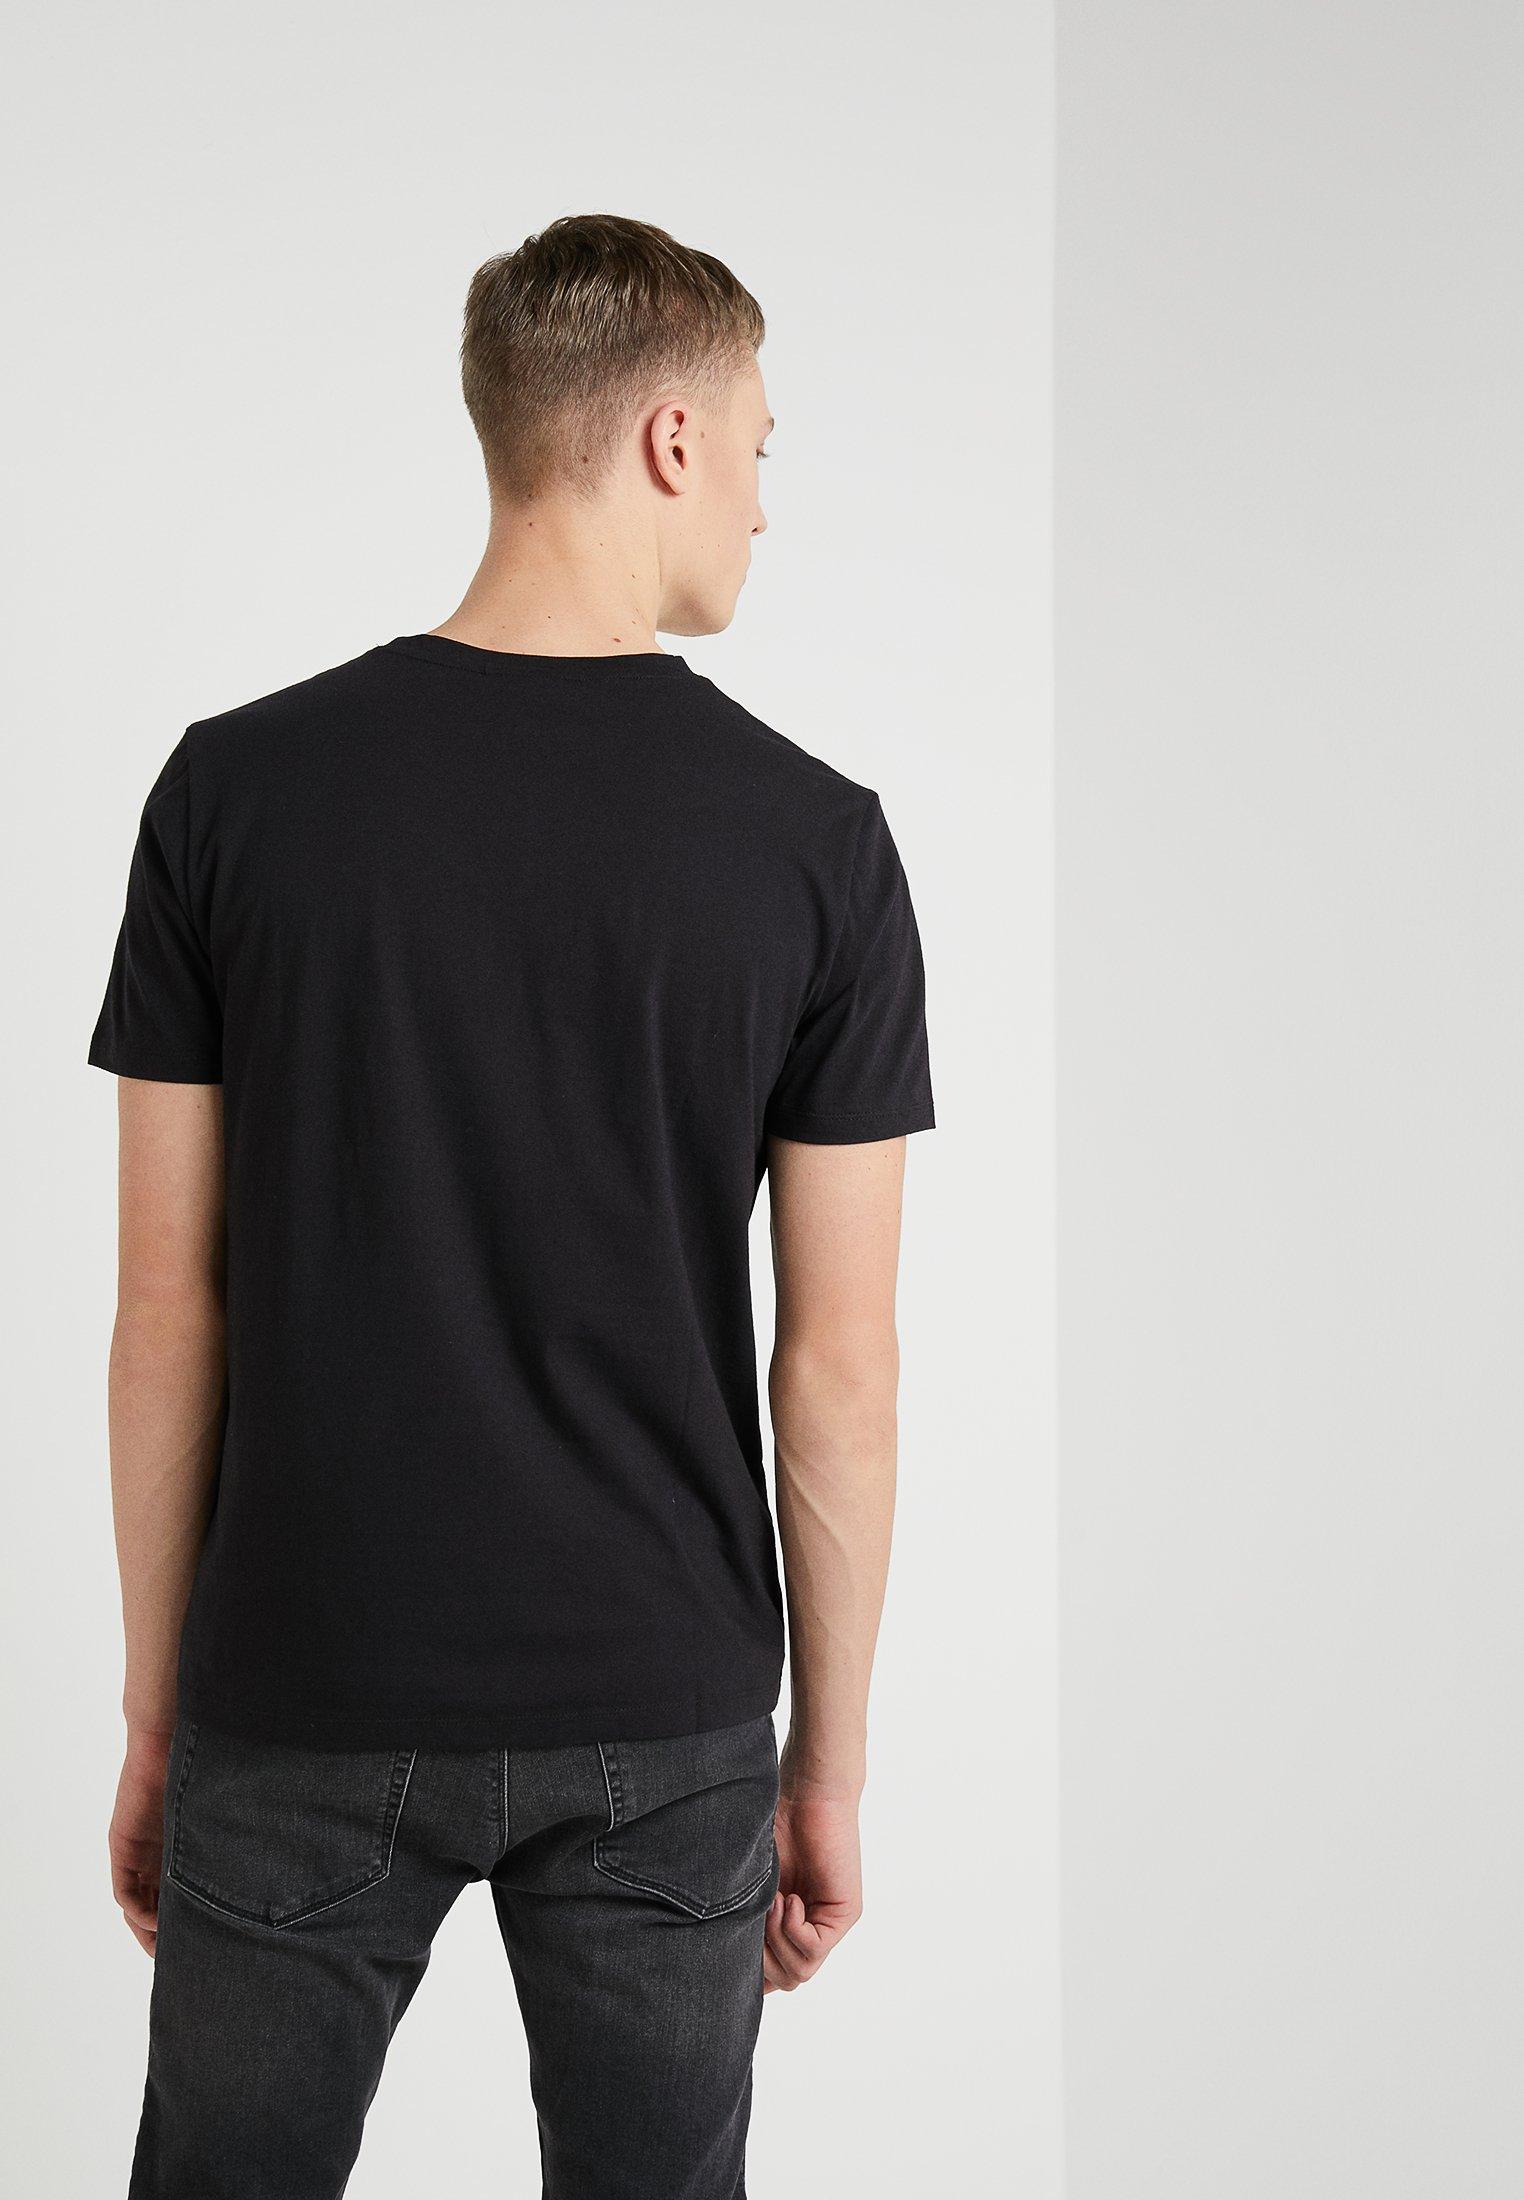 Imprimé Hugo shirt Black Imprimé shirt DoliveT Hugo DoliveT UMSqpzVG